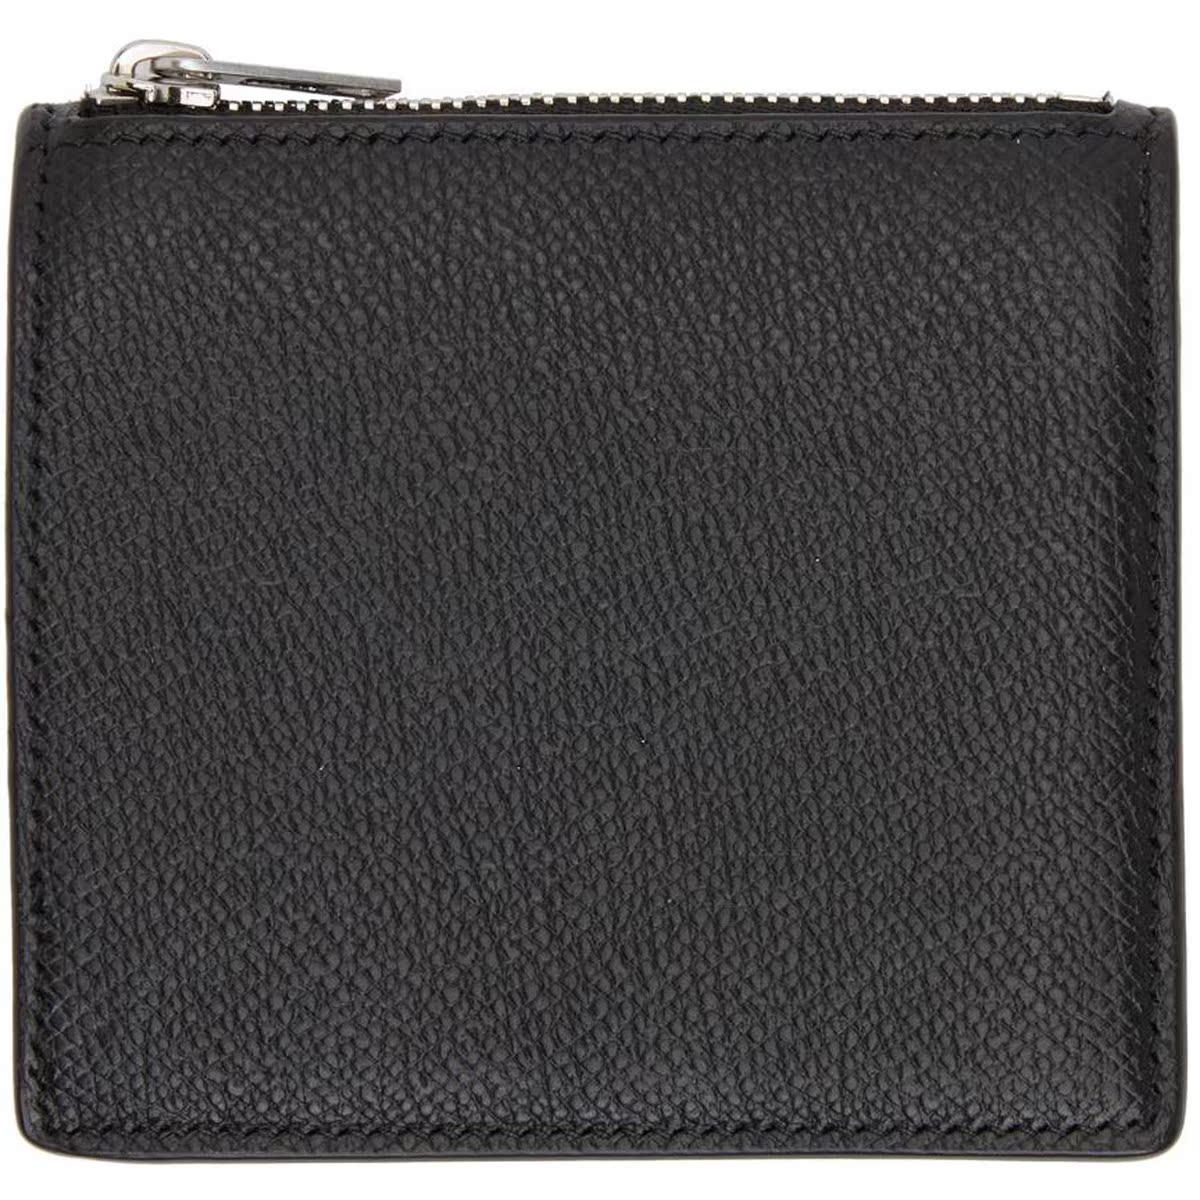 代购Maison Margiela 黑色拉链双折钱包男2021新款奢侈品